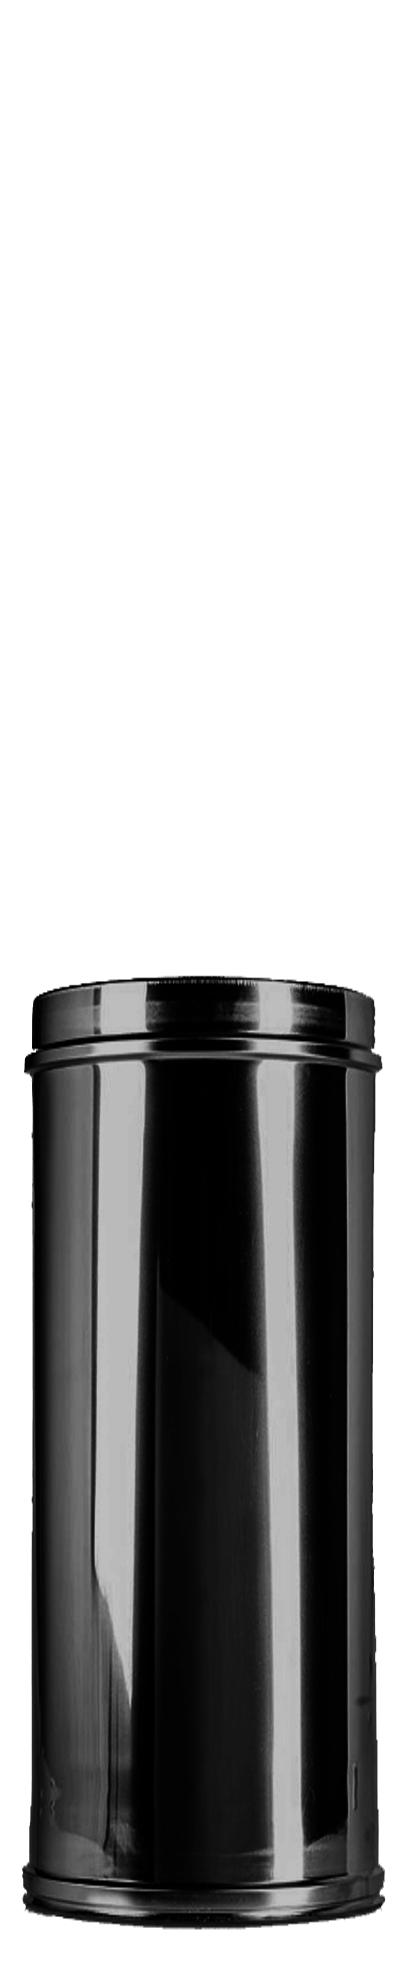 Längenelement 300 mm DW Ø 150/200 mm schwarz - ISOTUBE Plus